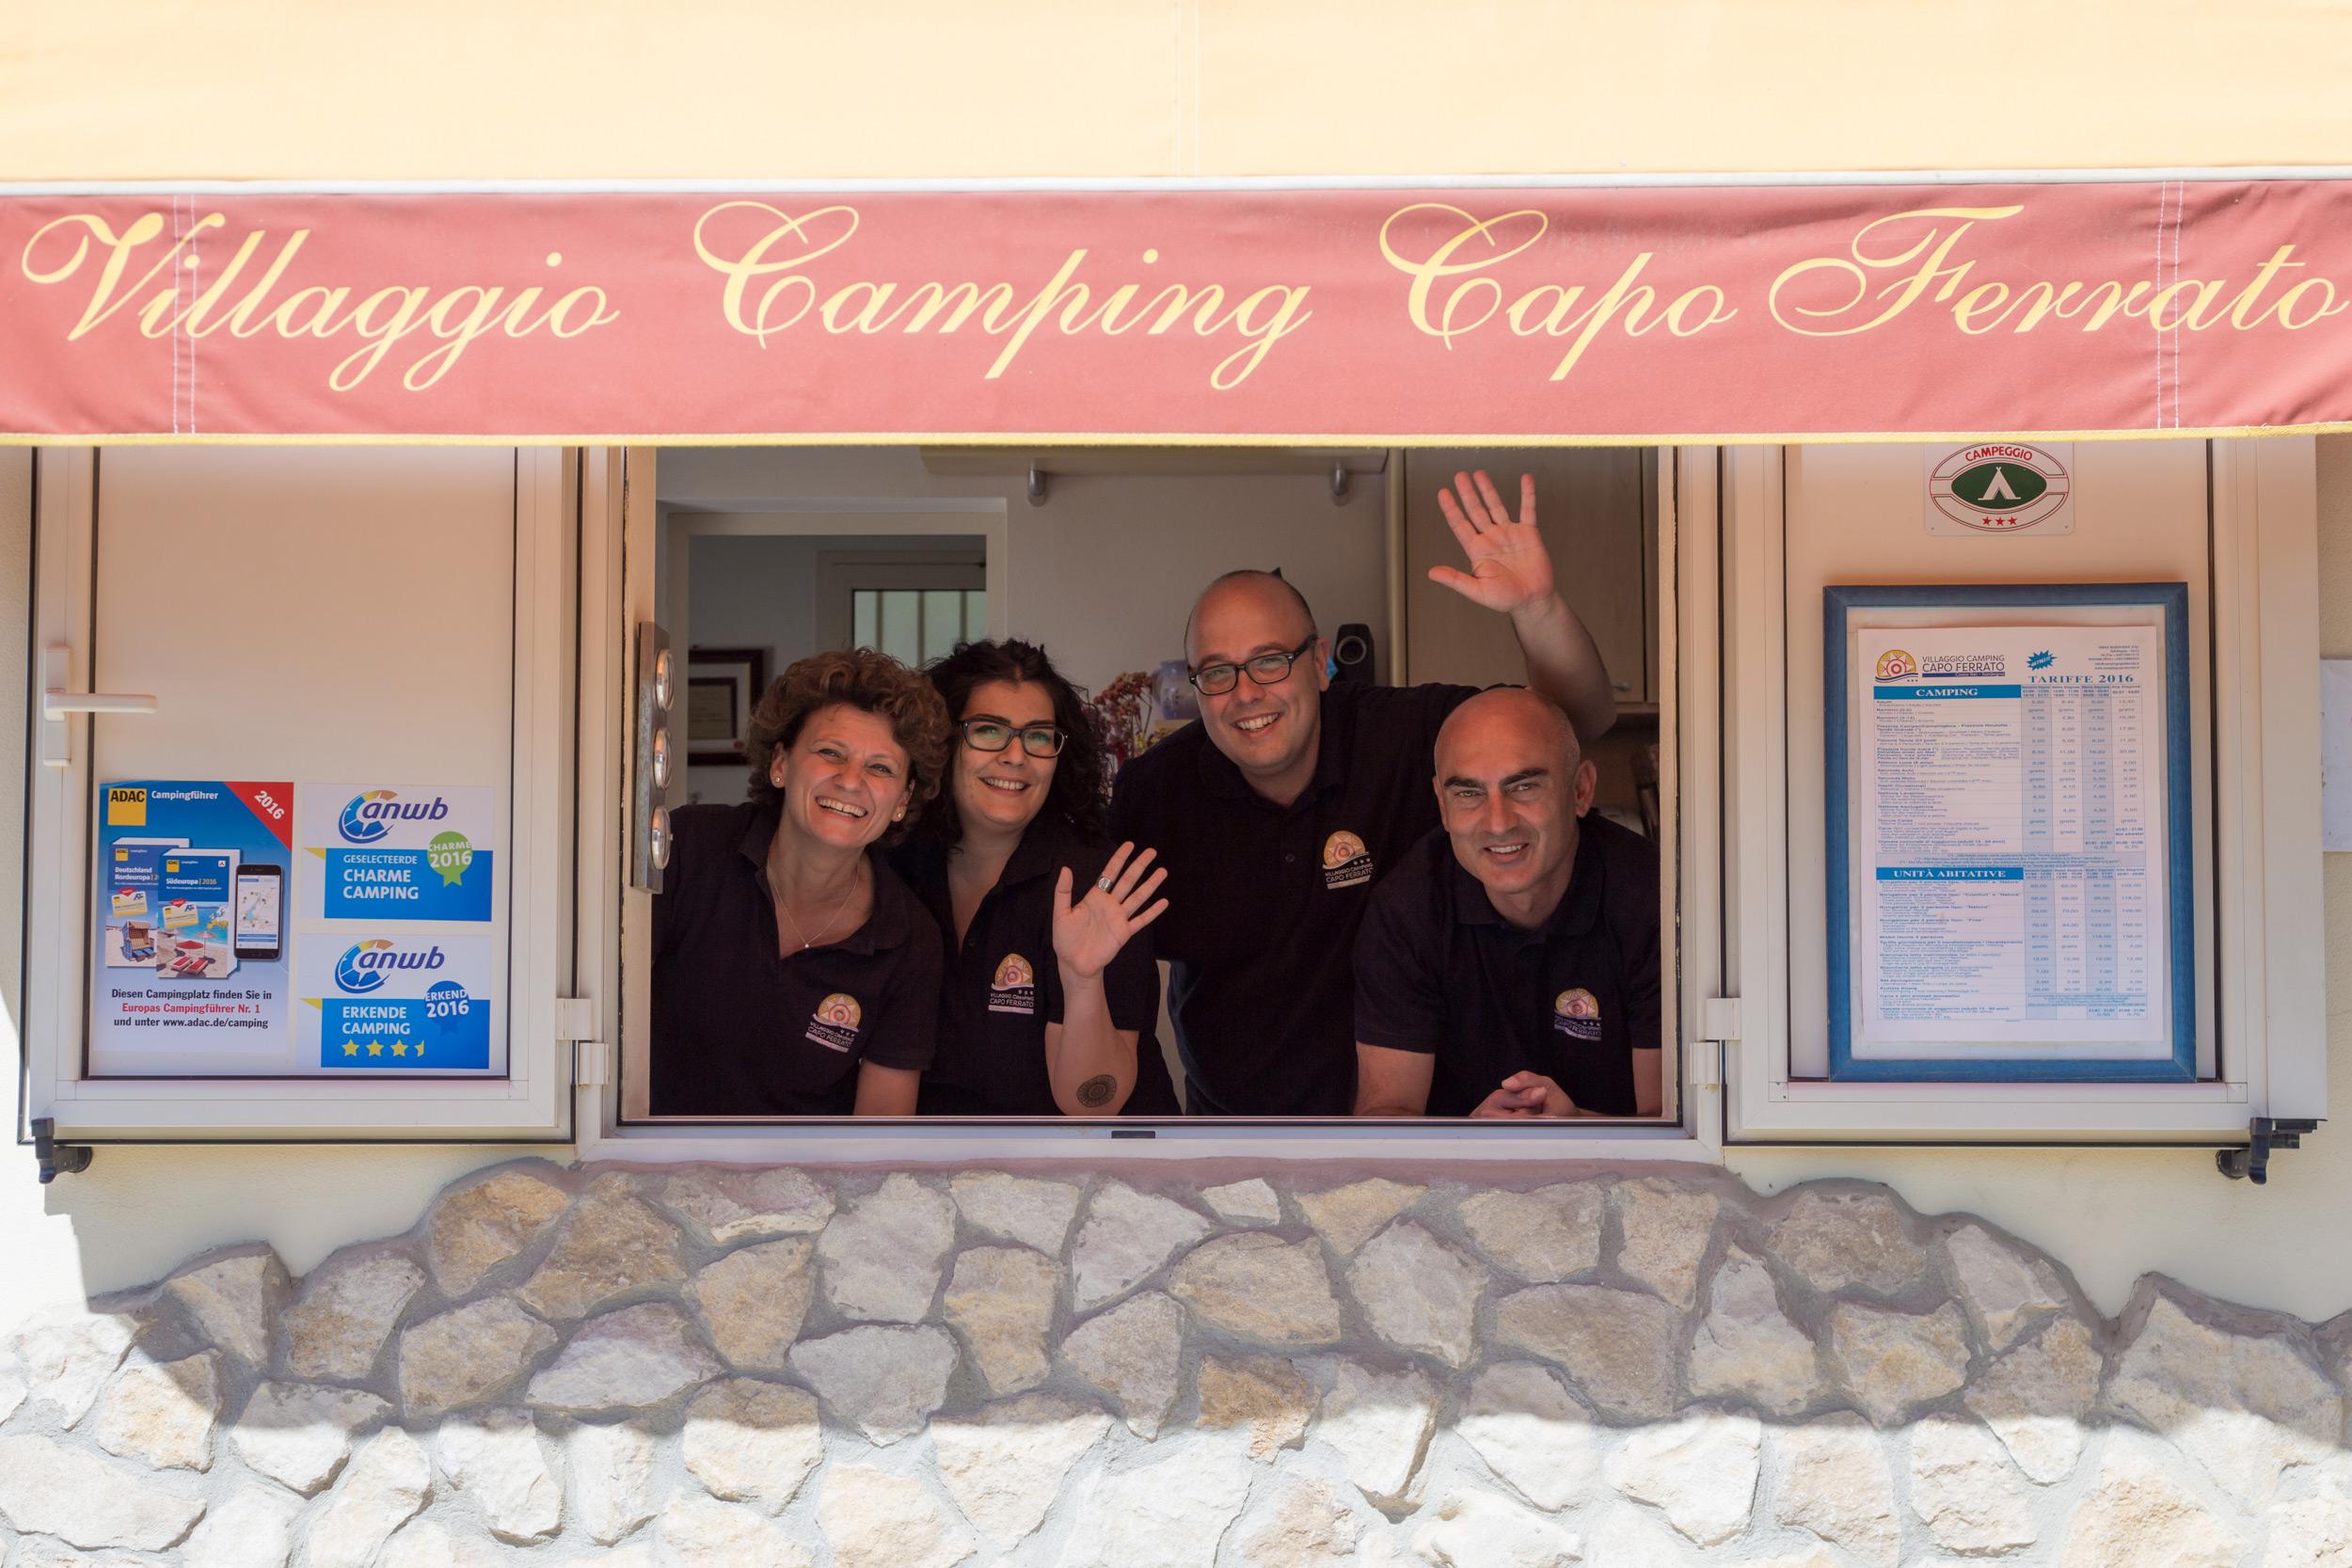 Villaggio Camping Capo Ferrato DE